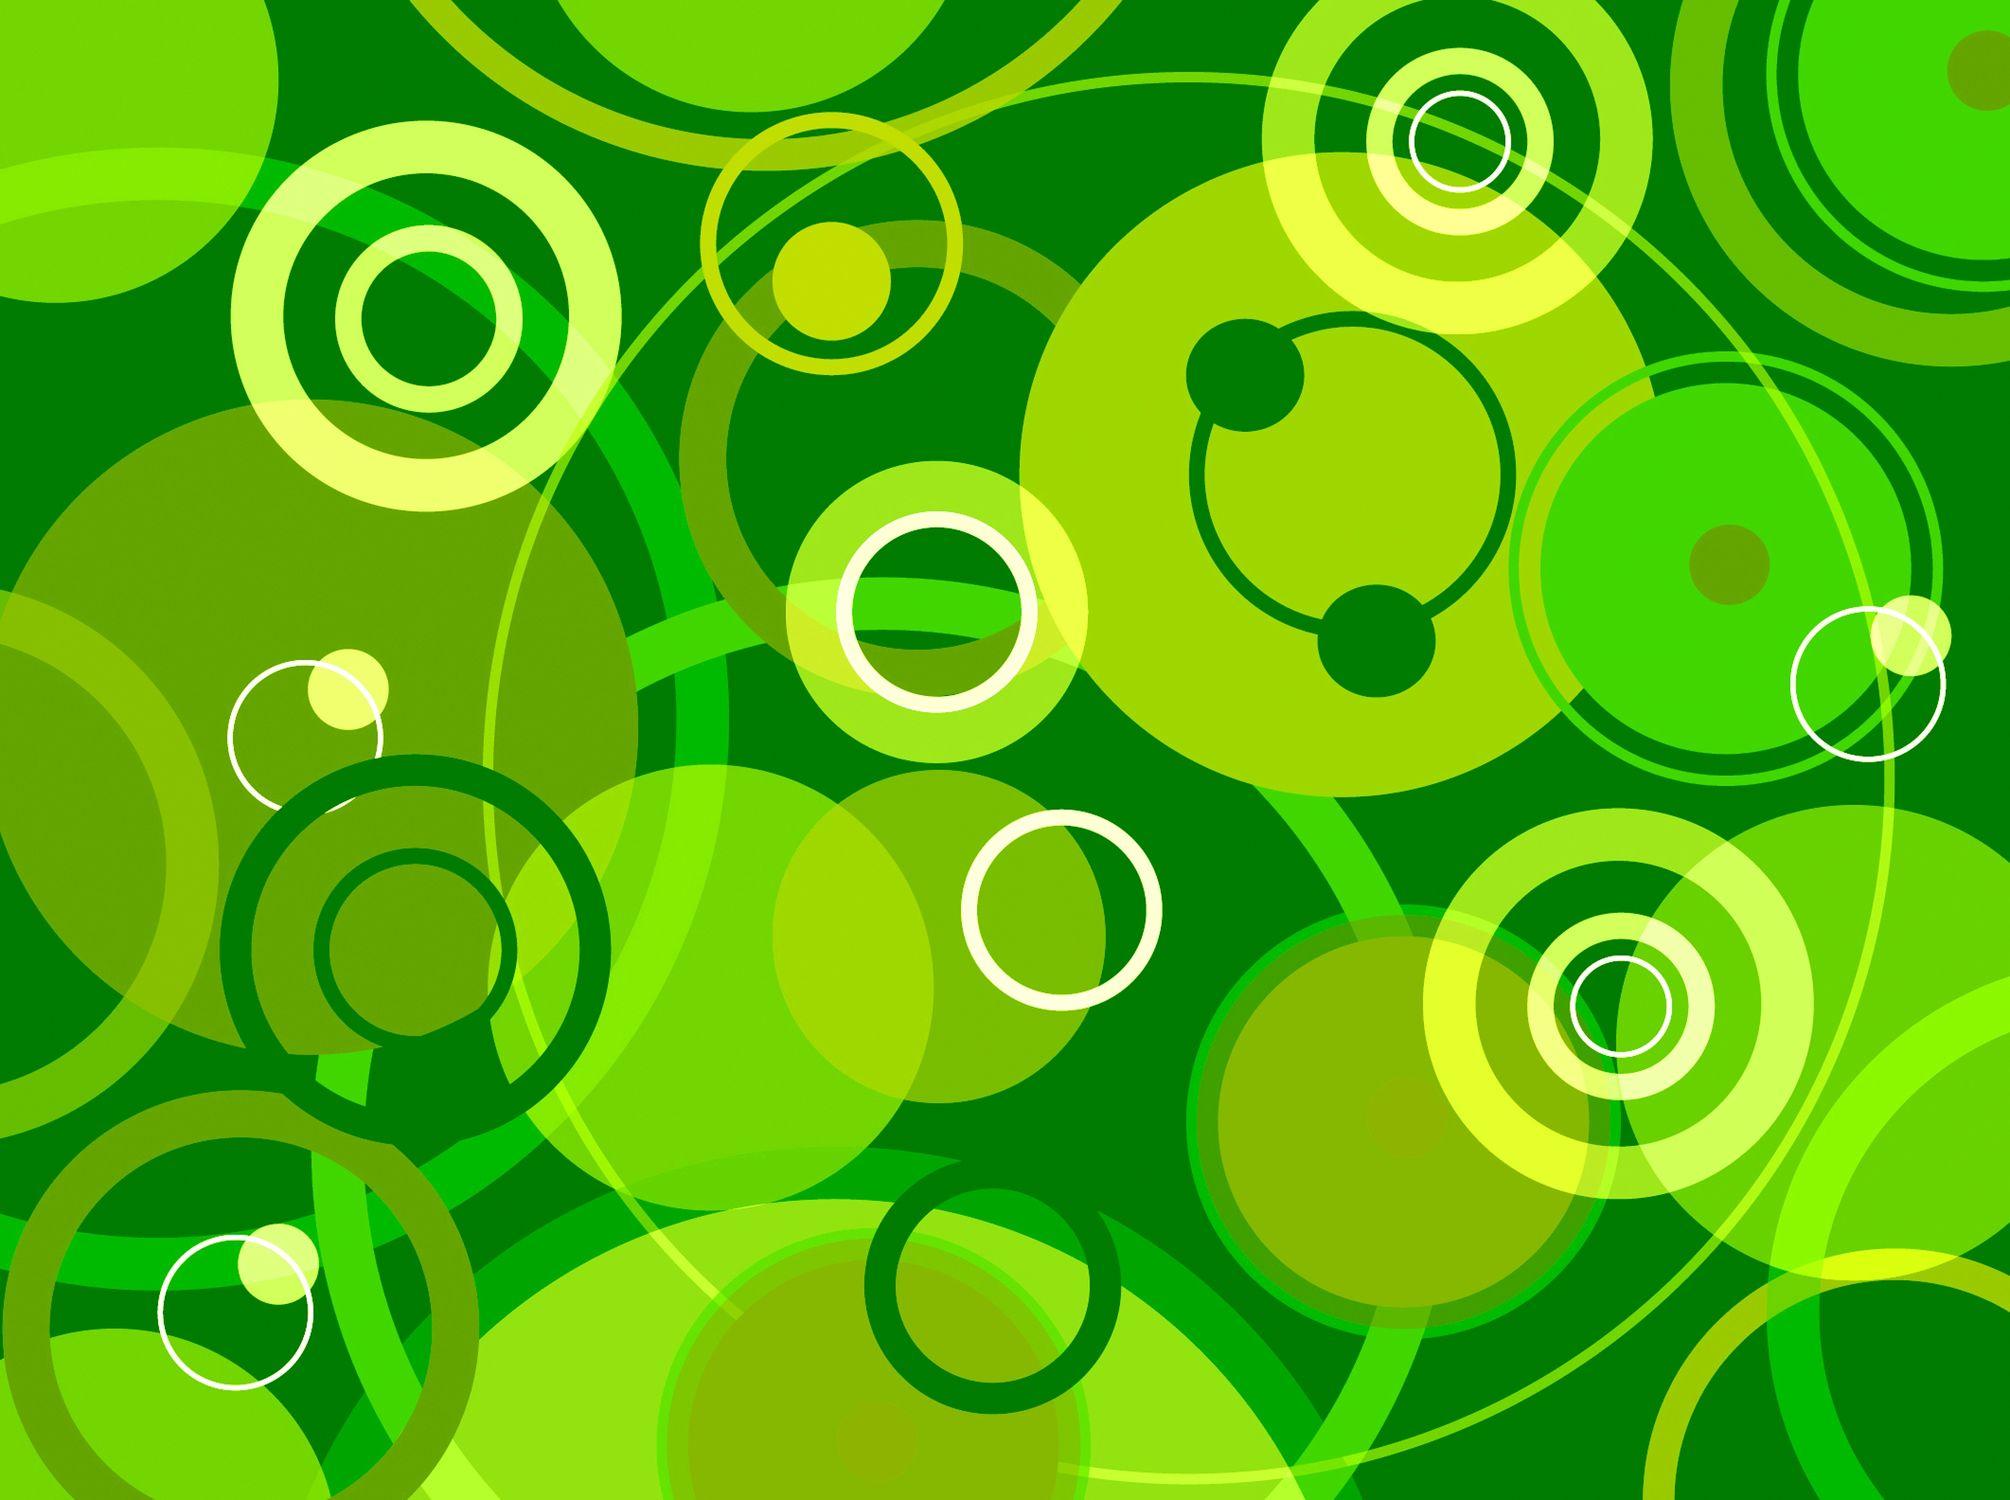 Bild mit Farben, Kunst, Grün, Illustration, Abstrakt, Abstrakte Kunst, Abstrakte Malerei, Kunstwerk, Retro